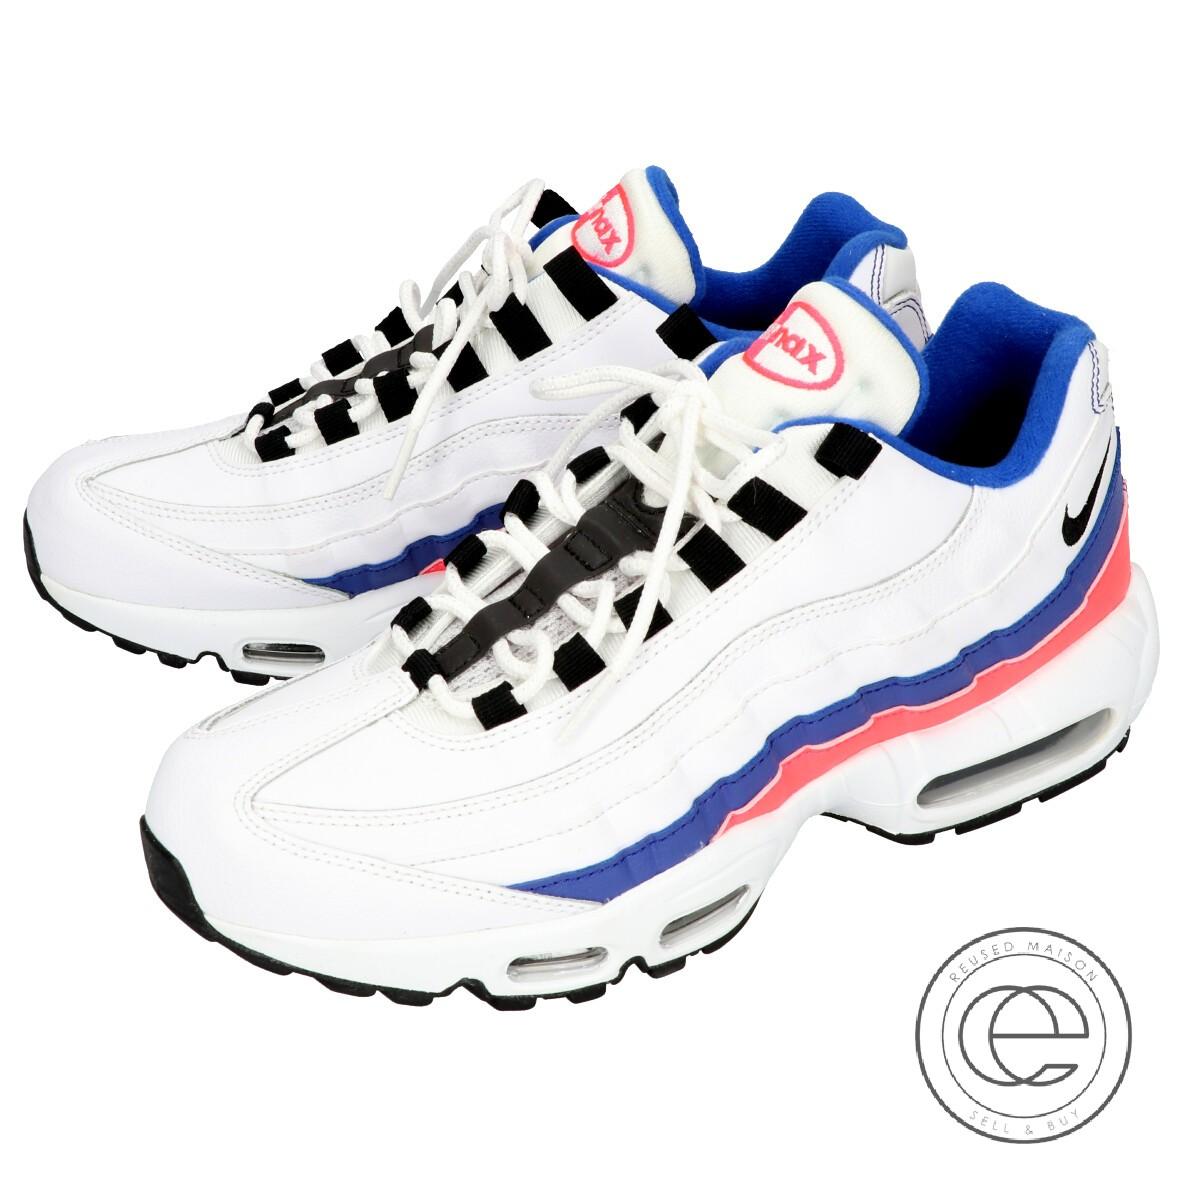 Nike Air Max 95 Essential Mens Shoes WhiteBlack Solar Red